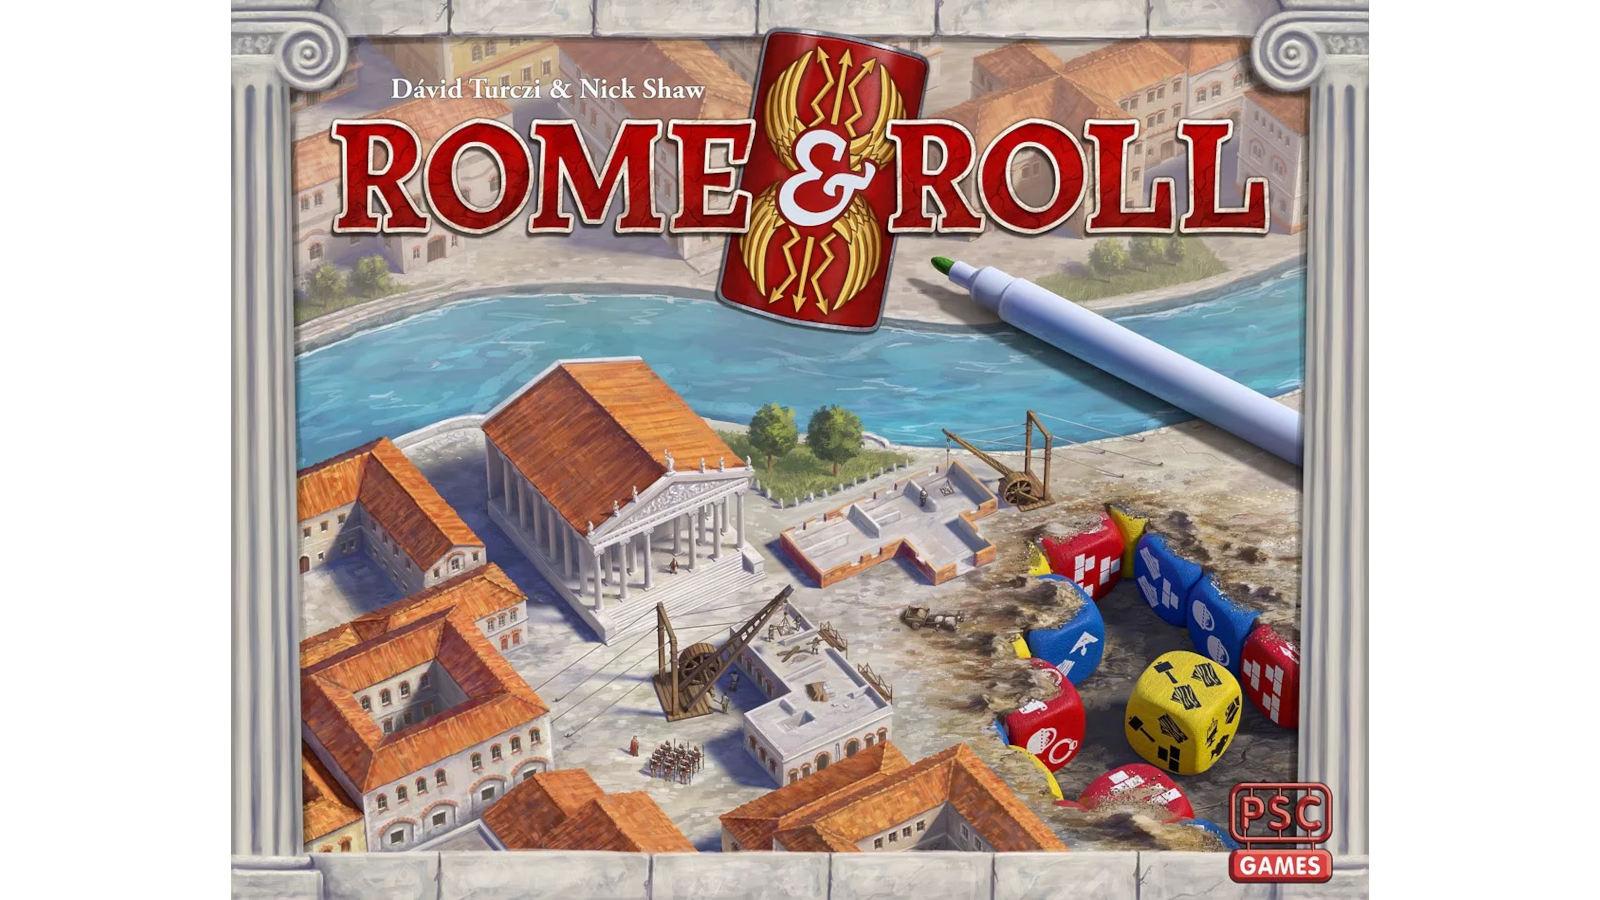 Lo spacciagiochi – Rome and Roll